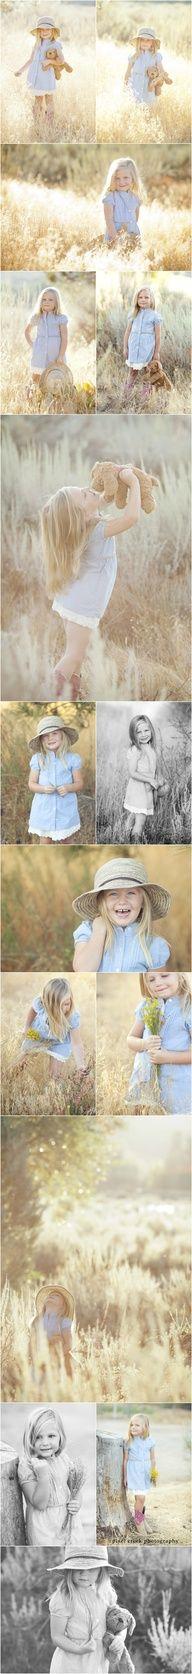 Little girl poses